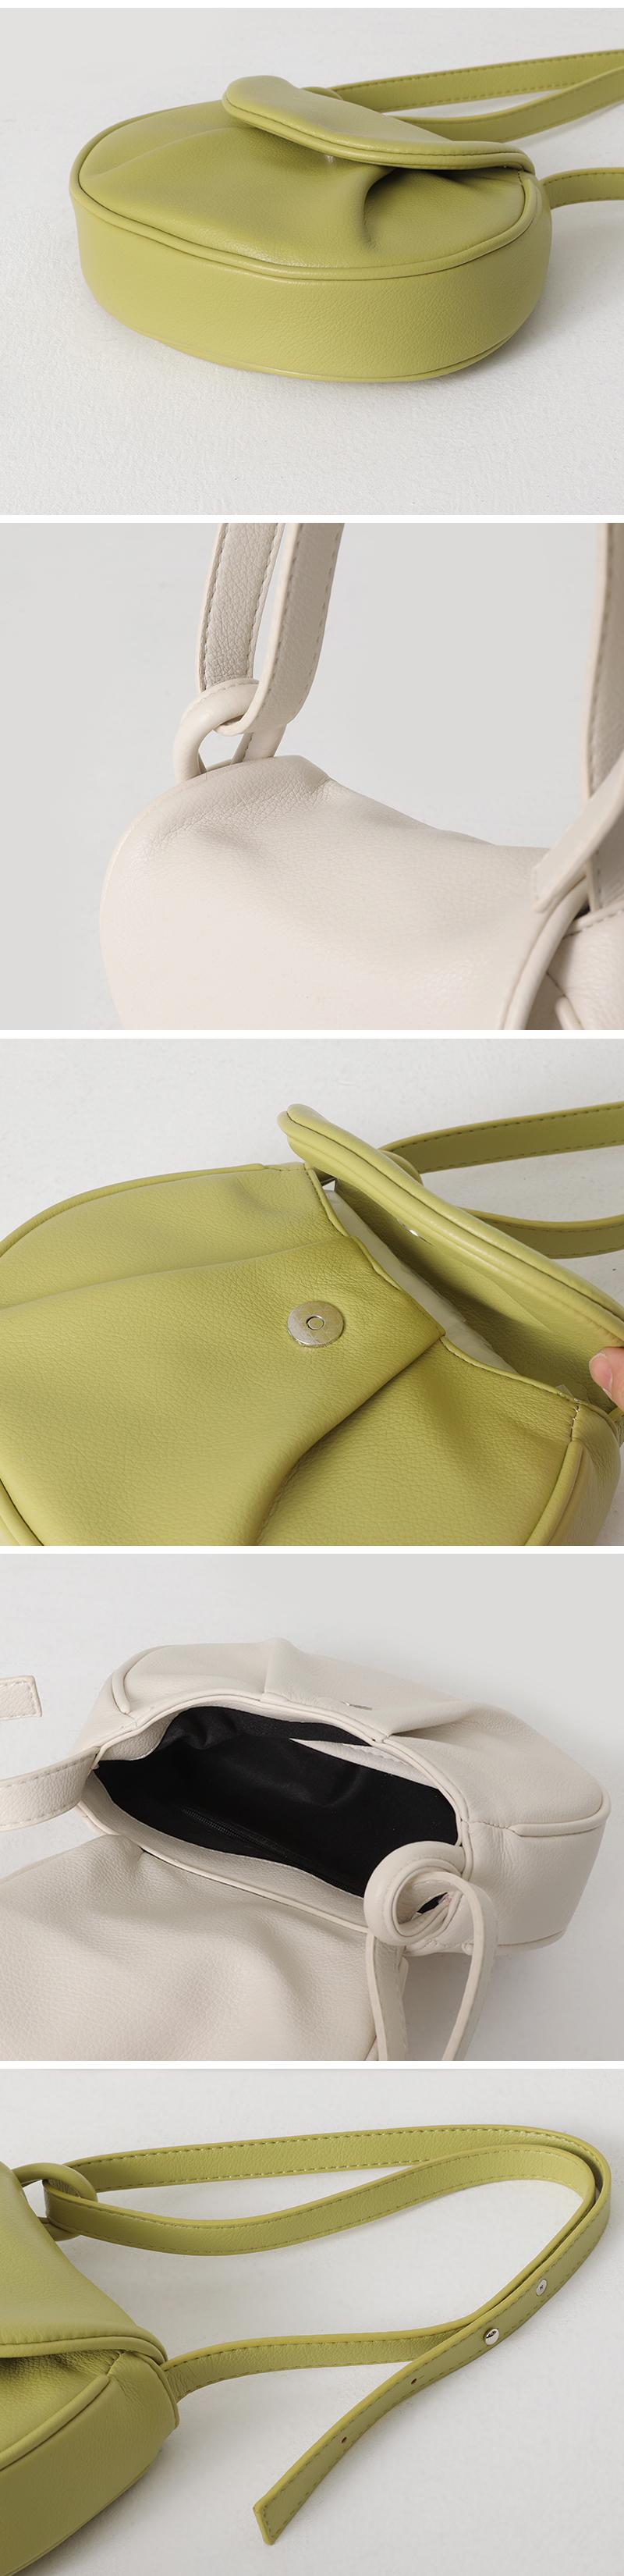 Bagel folder shoulder bag